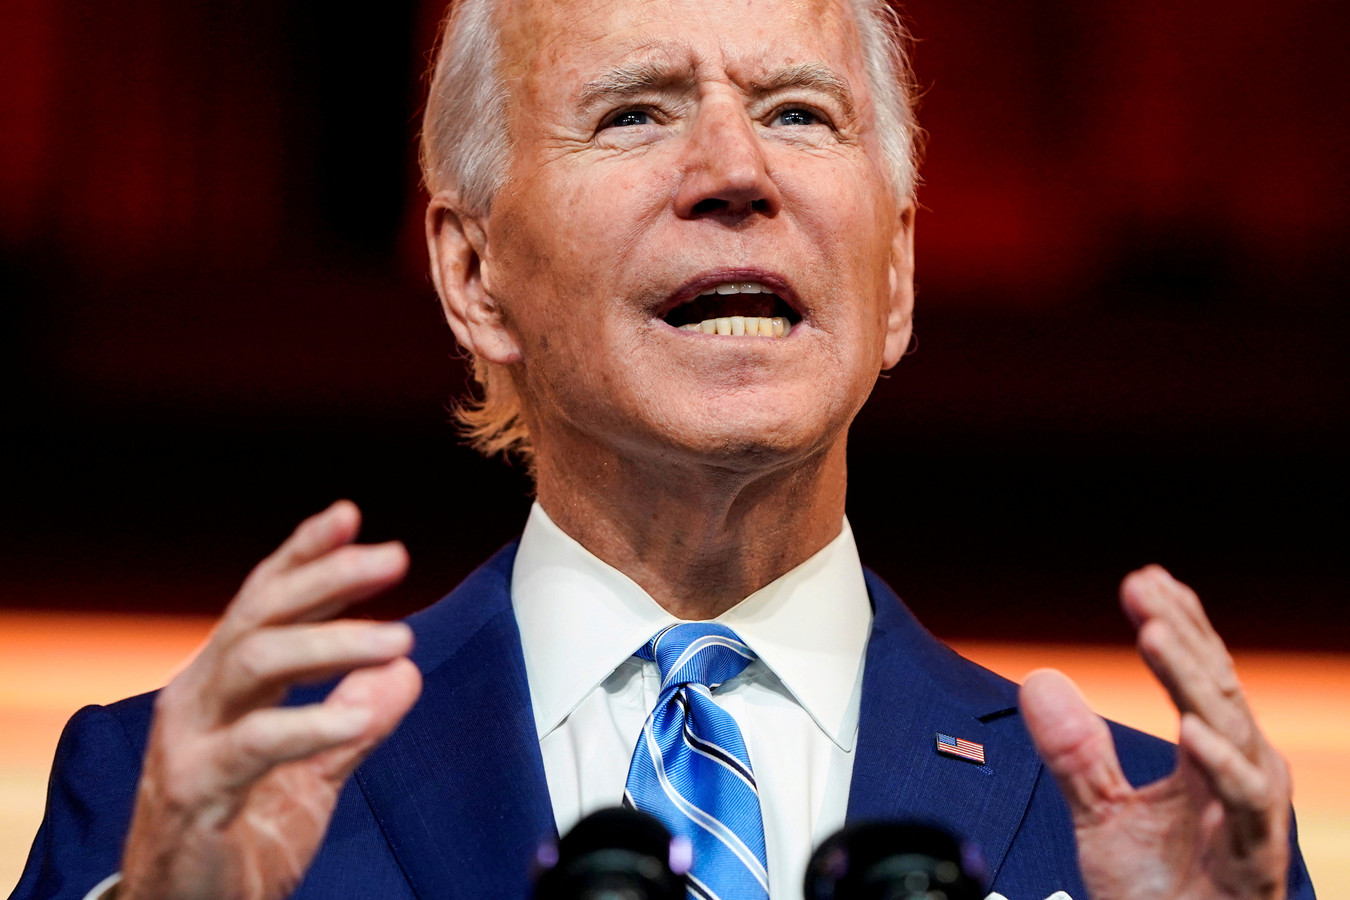 De komst van Joe Biden naar het Witte Huis is goed nieuws voor bedrijven die veel handel drijven met de Verenigde Staten. Biden, die woensdag Donald Trump als president aflost, belooft een miljardeninvestering in de economie.